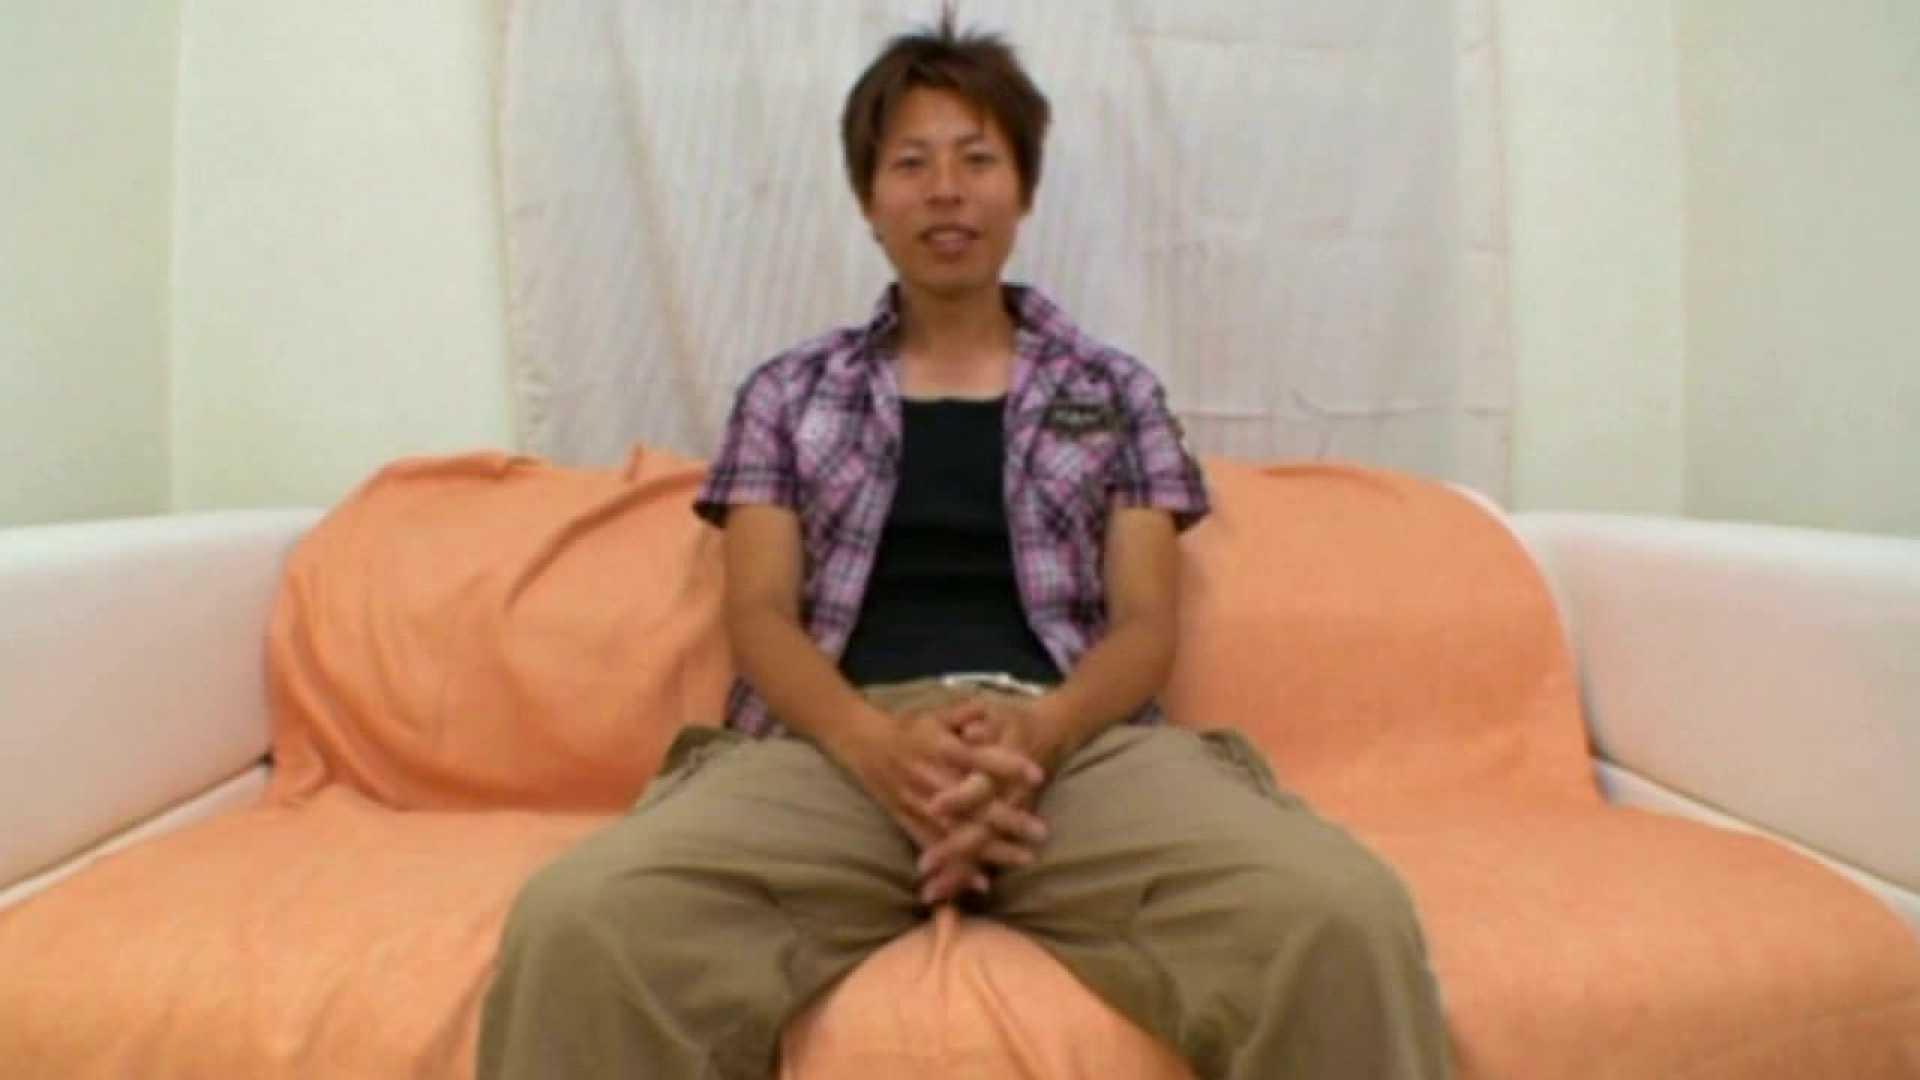 ノンケ!自慰スタジオ No.10 オナニー   素人ゲイ アダルトビデオ画像キャプチャ 47pic 17